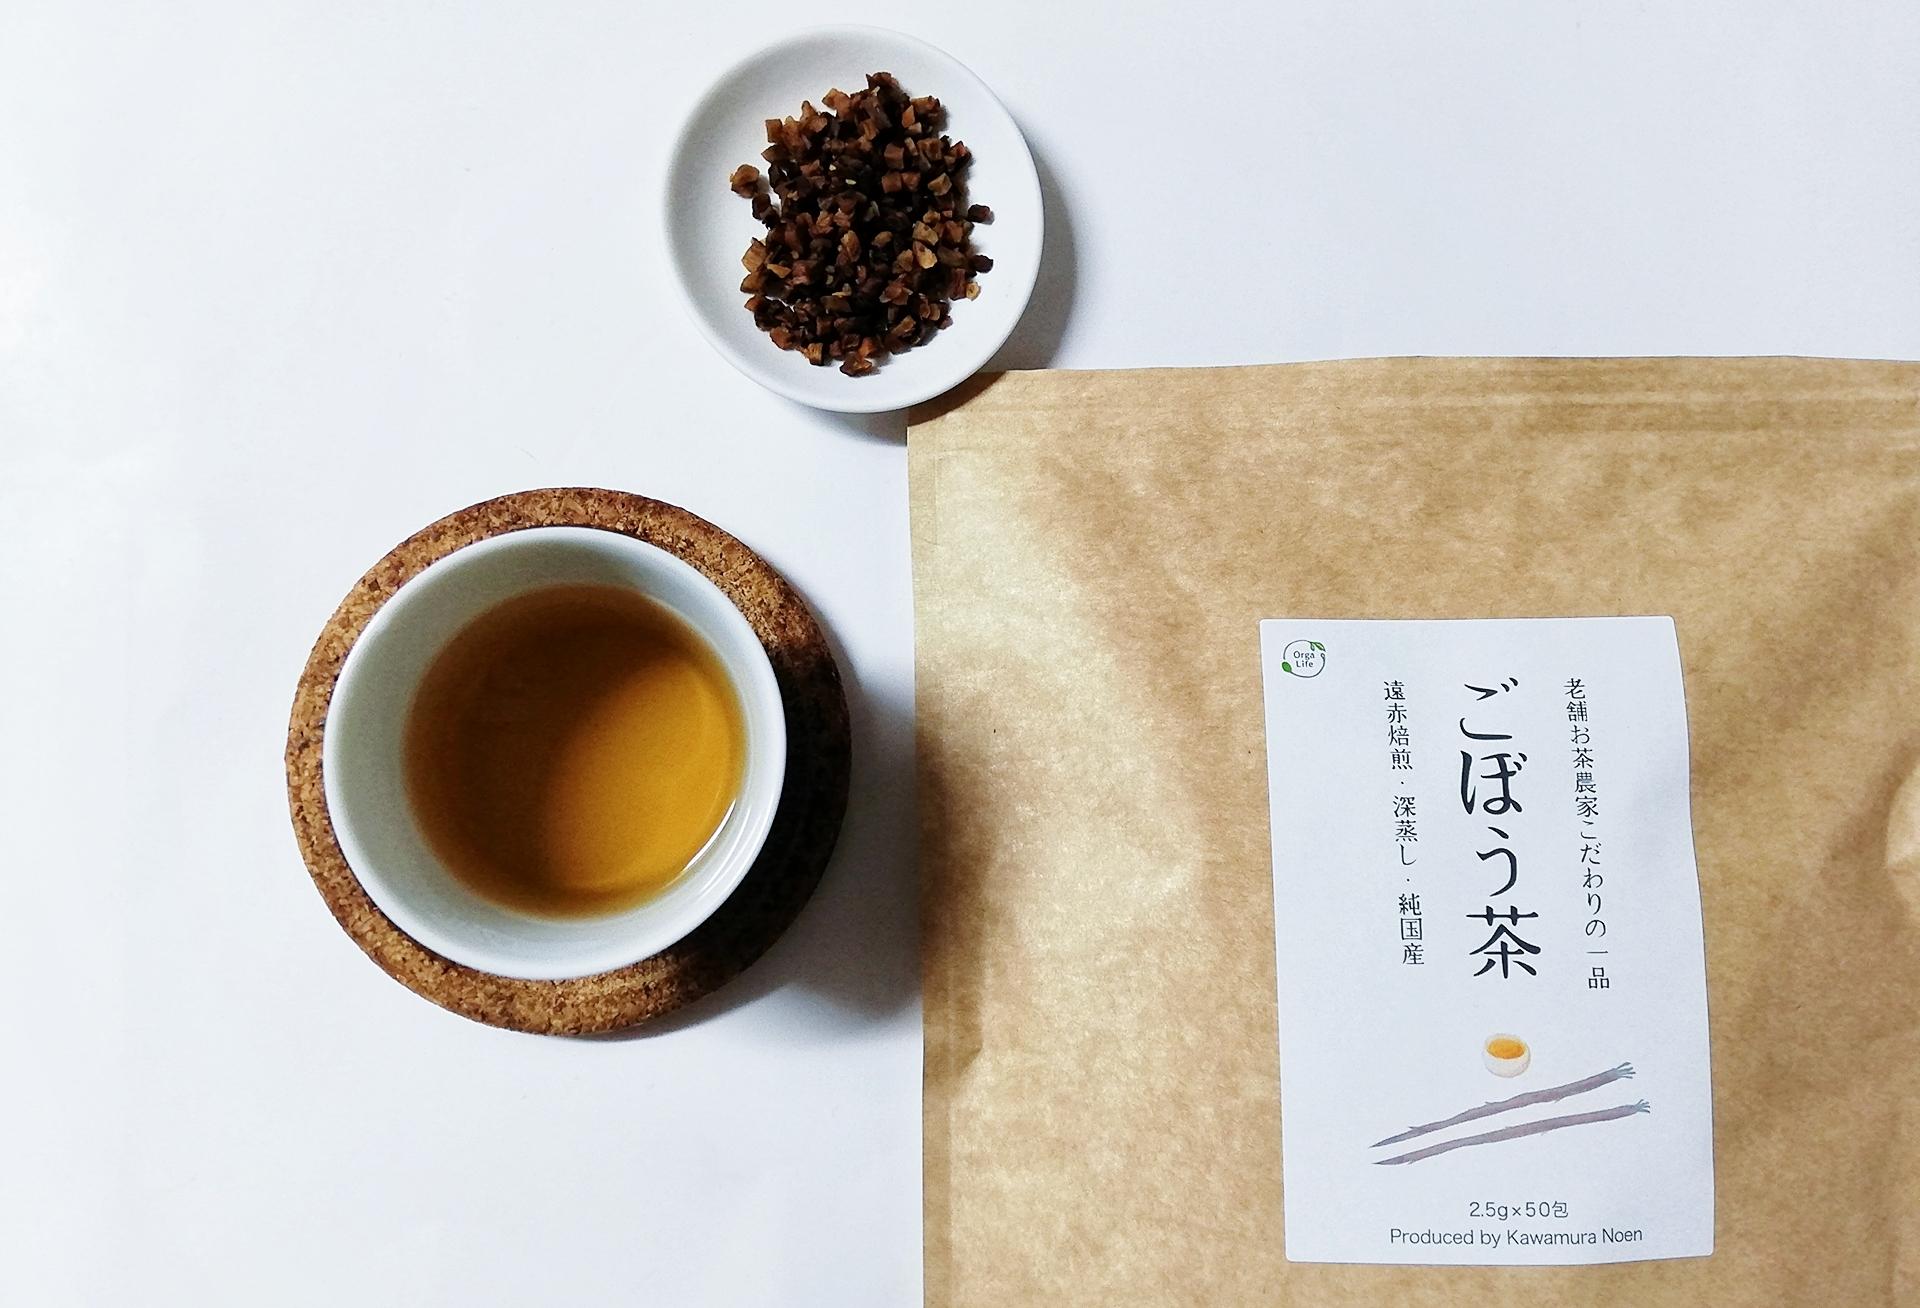 国産ごぼうの甘みと香りと栄養がぎっしり【オーガライフの国産ごぼう茶】